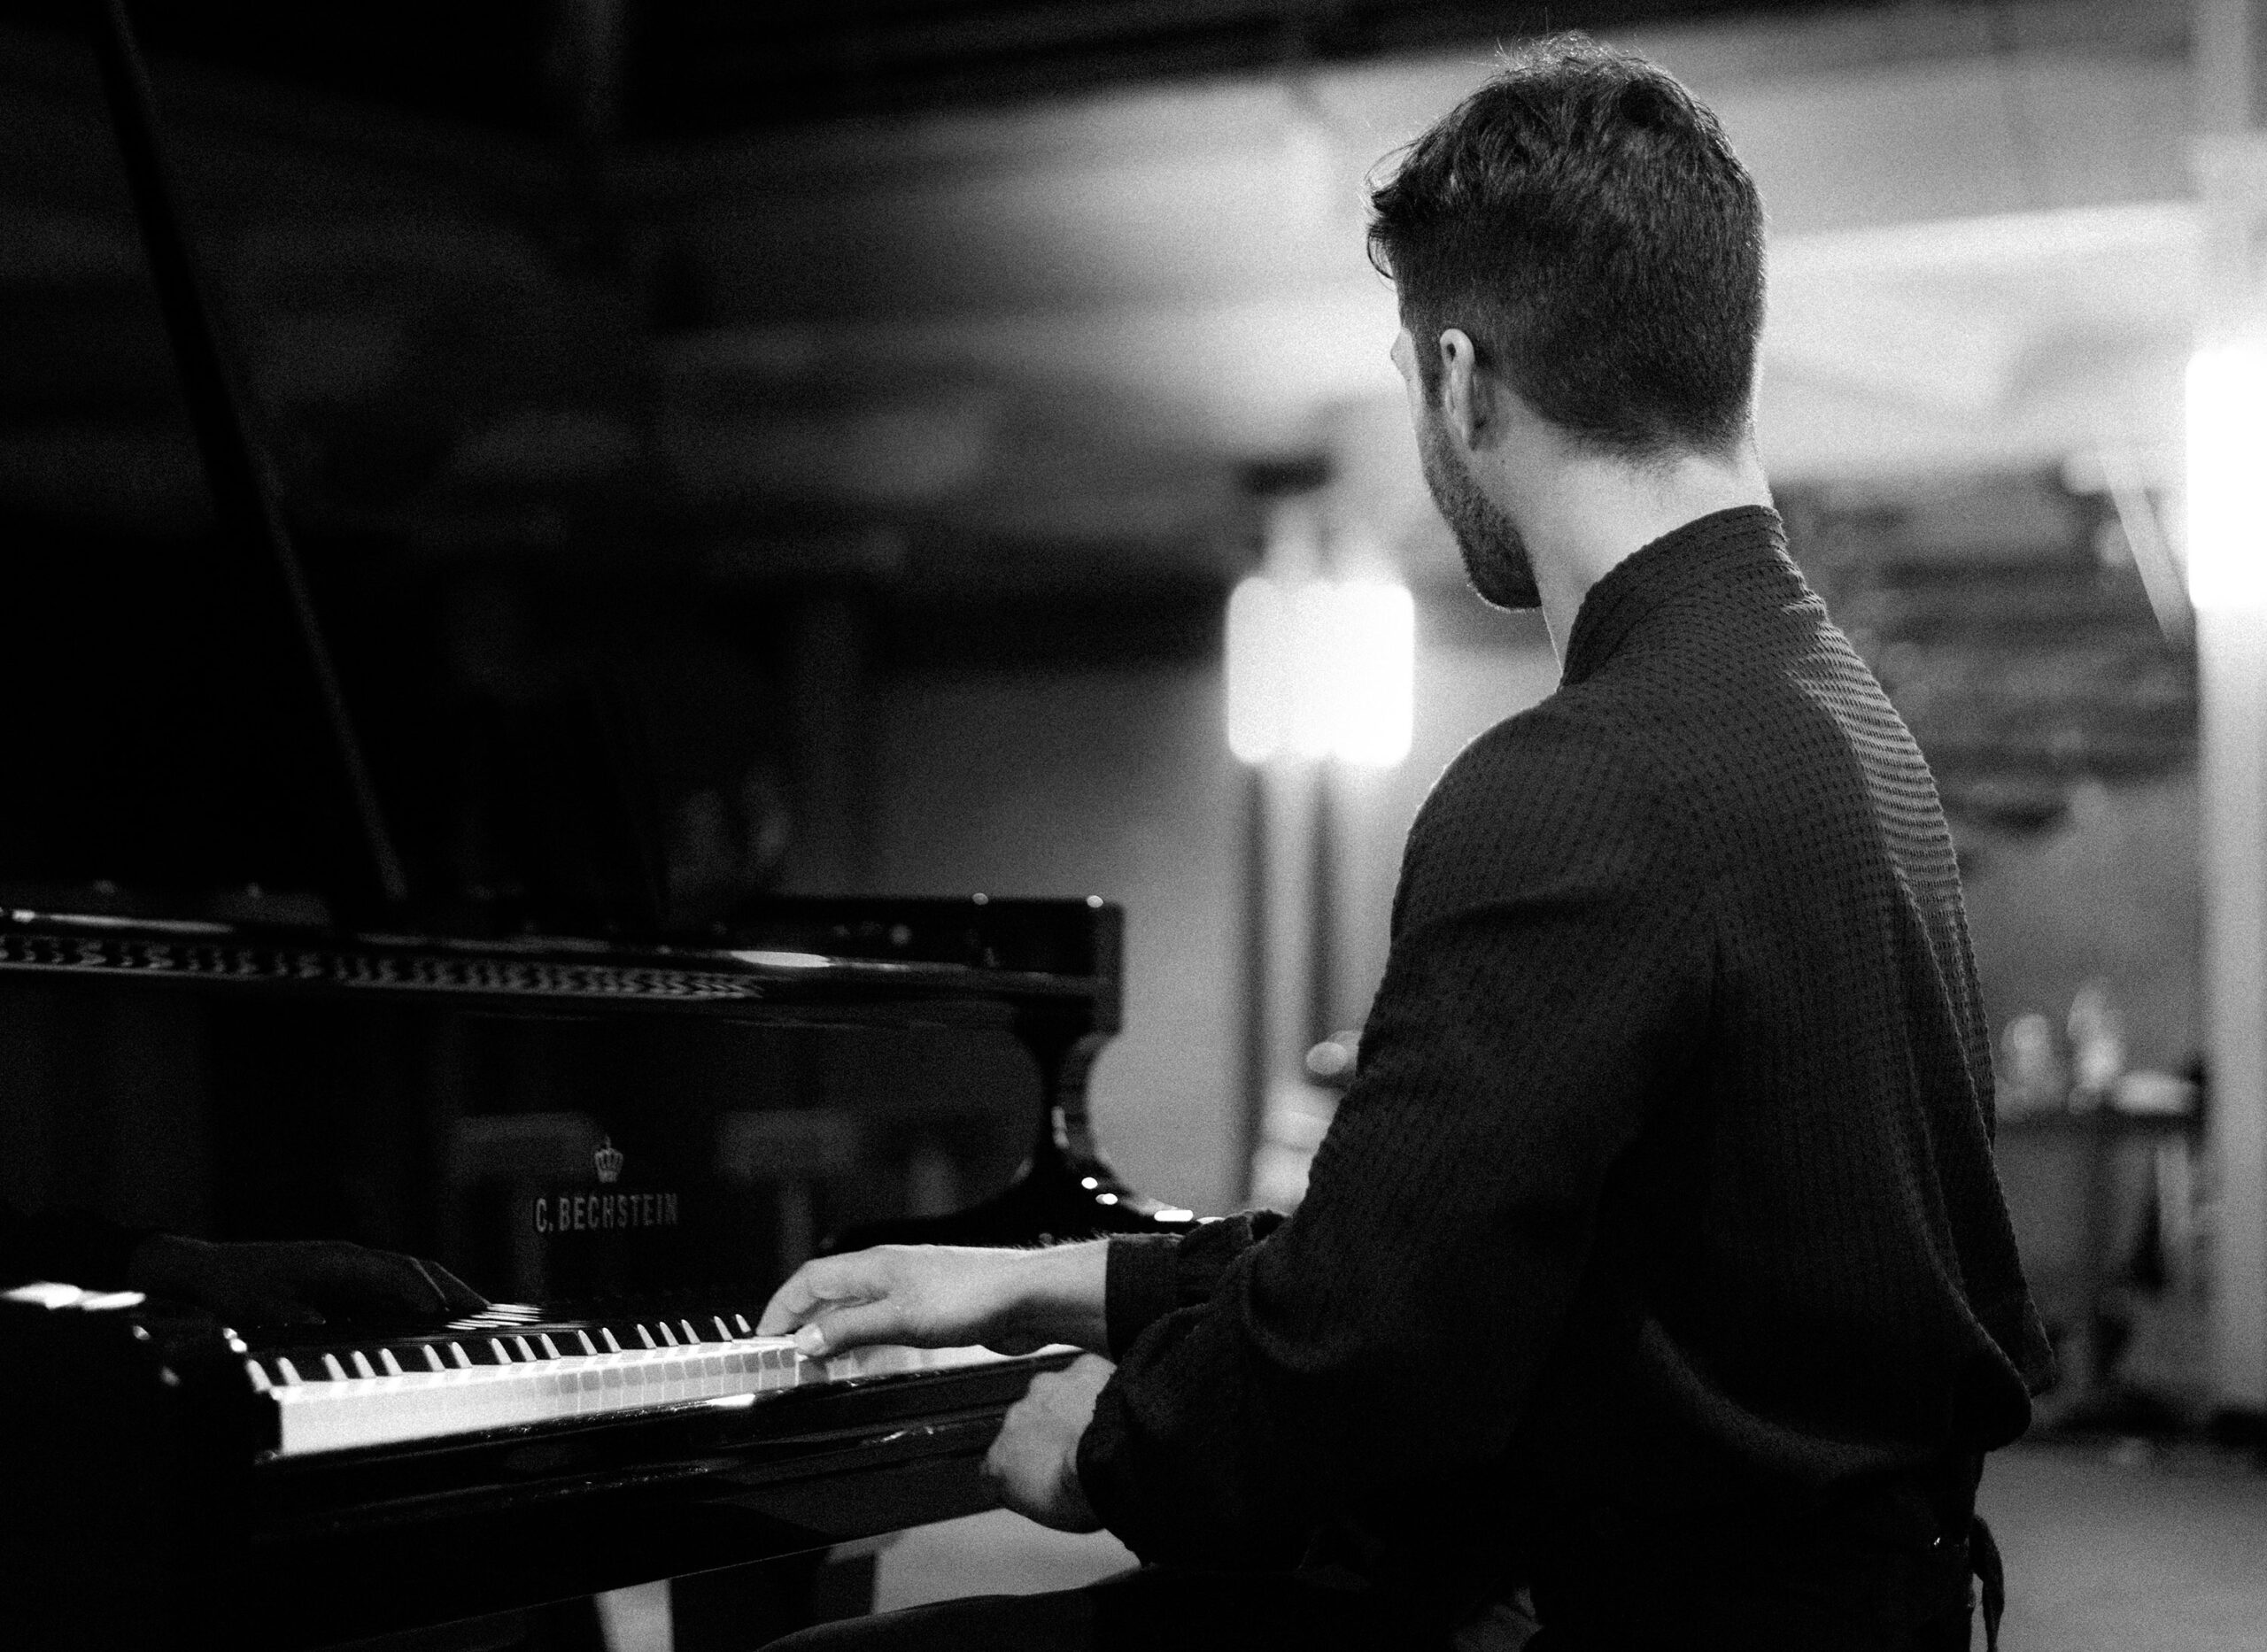 Mit den Sonderstipendien der Carl Bechstein Stiftung sollen junge Pianistinnen und Pianisten in Krisenzeiten Unterstützung bekommen © Jana Stein